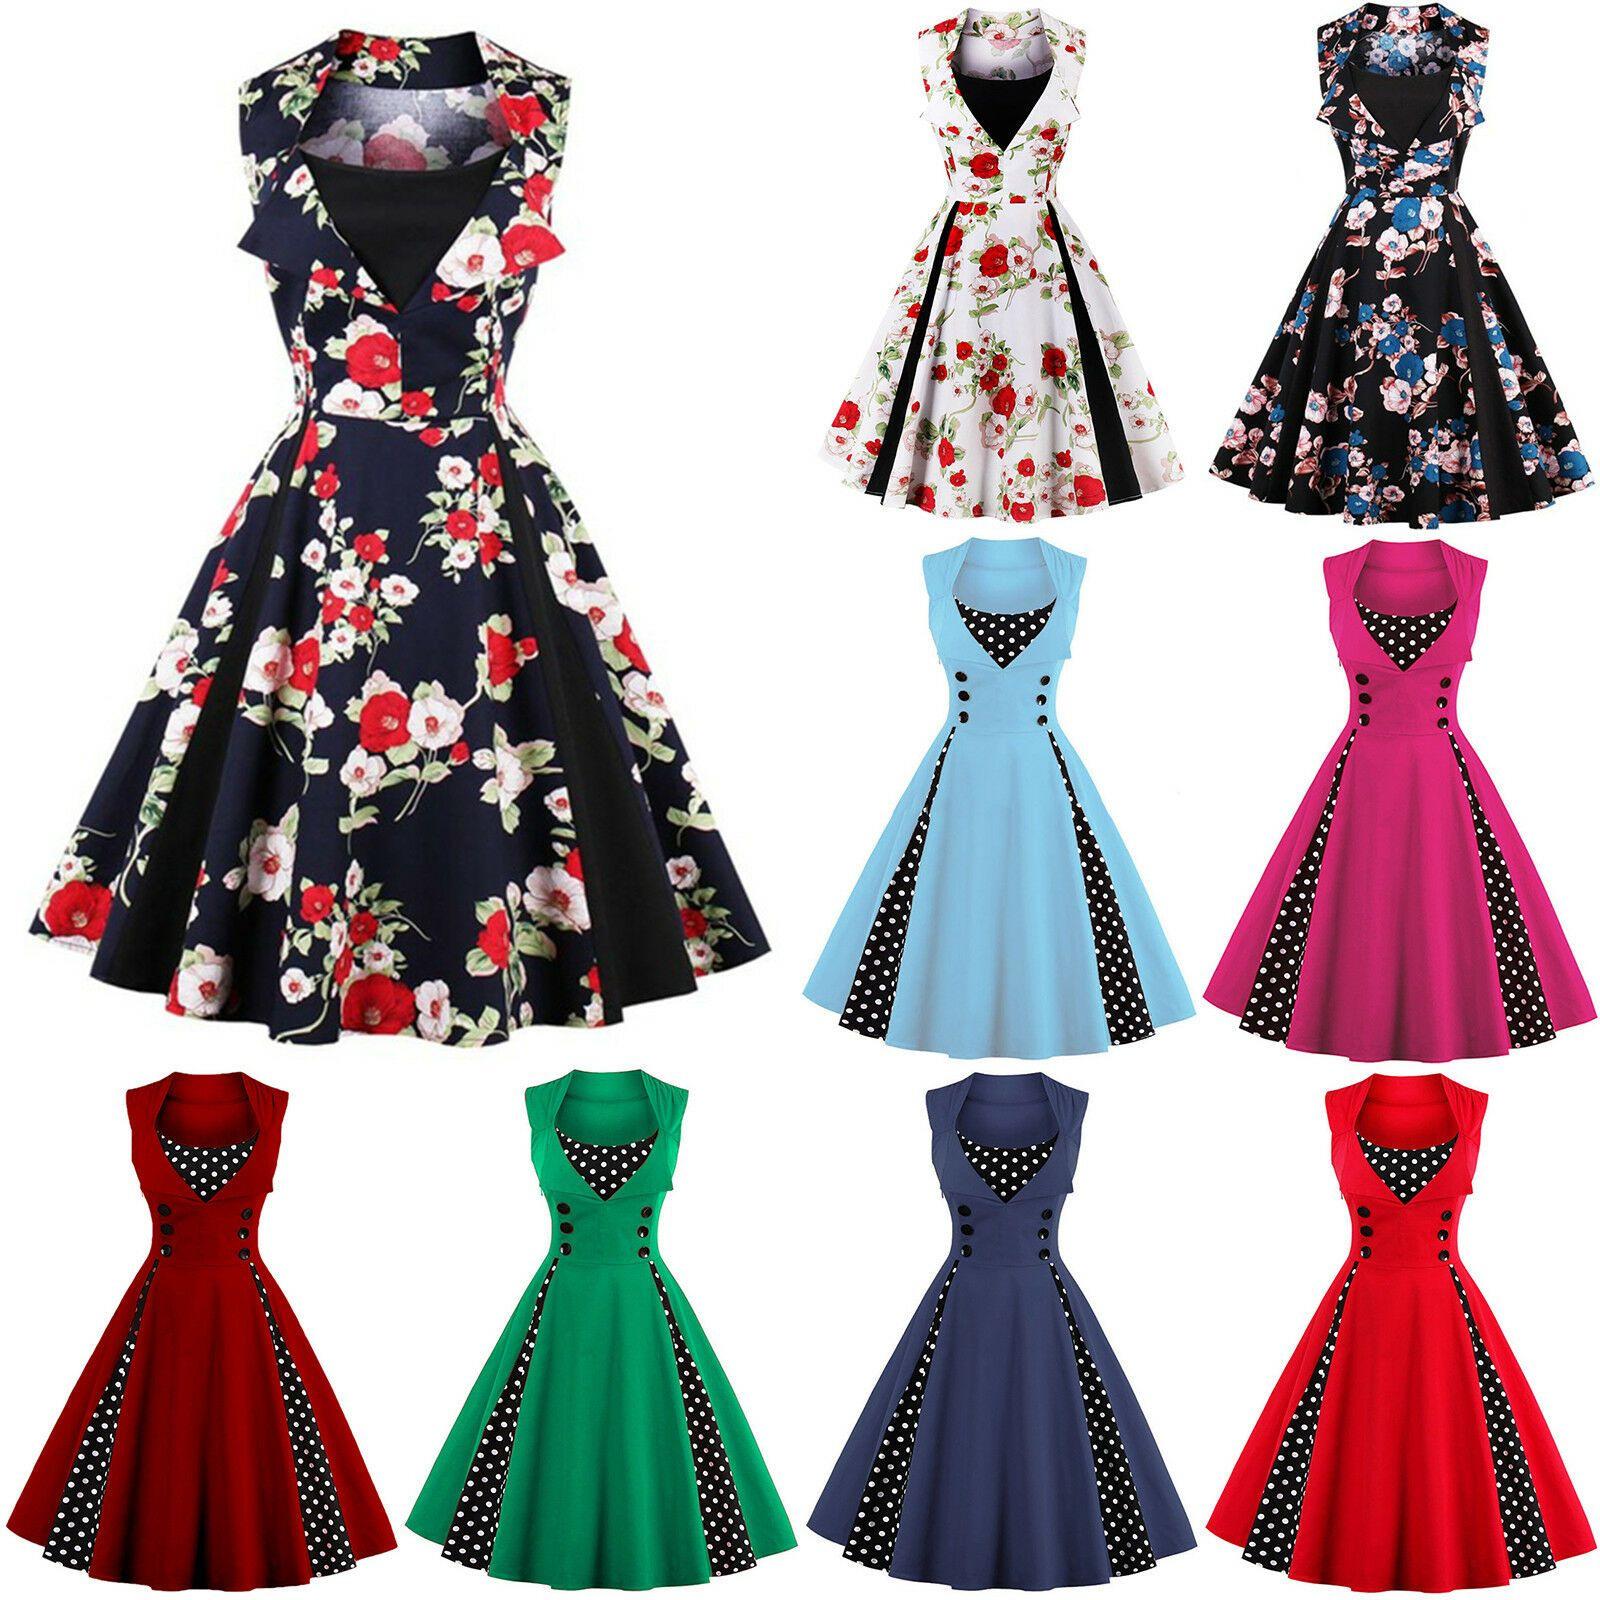 10 Genial Abendkleid Vintage GalerieAbend Einfach Abendkleid Vintage Design